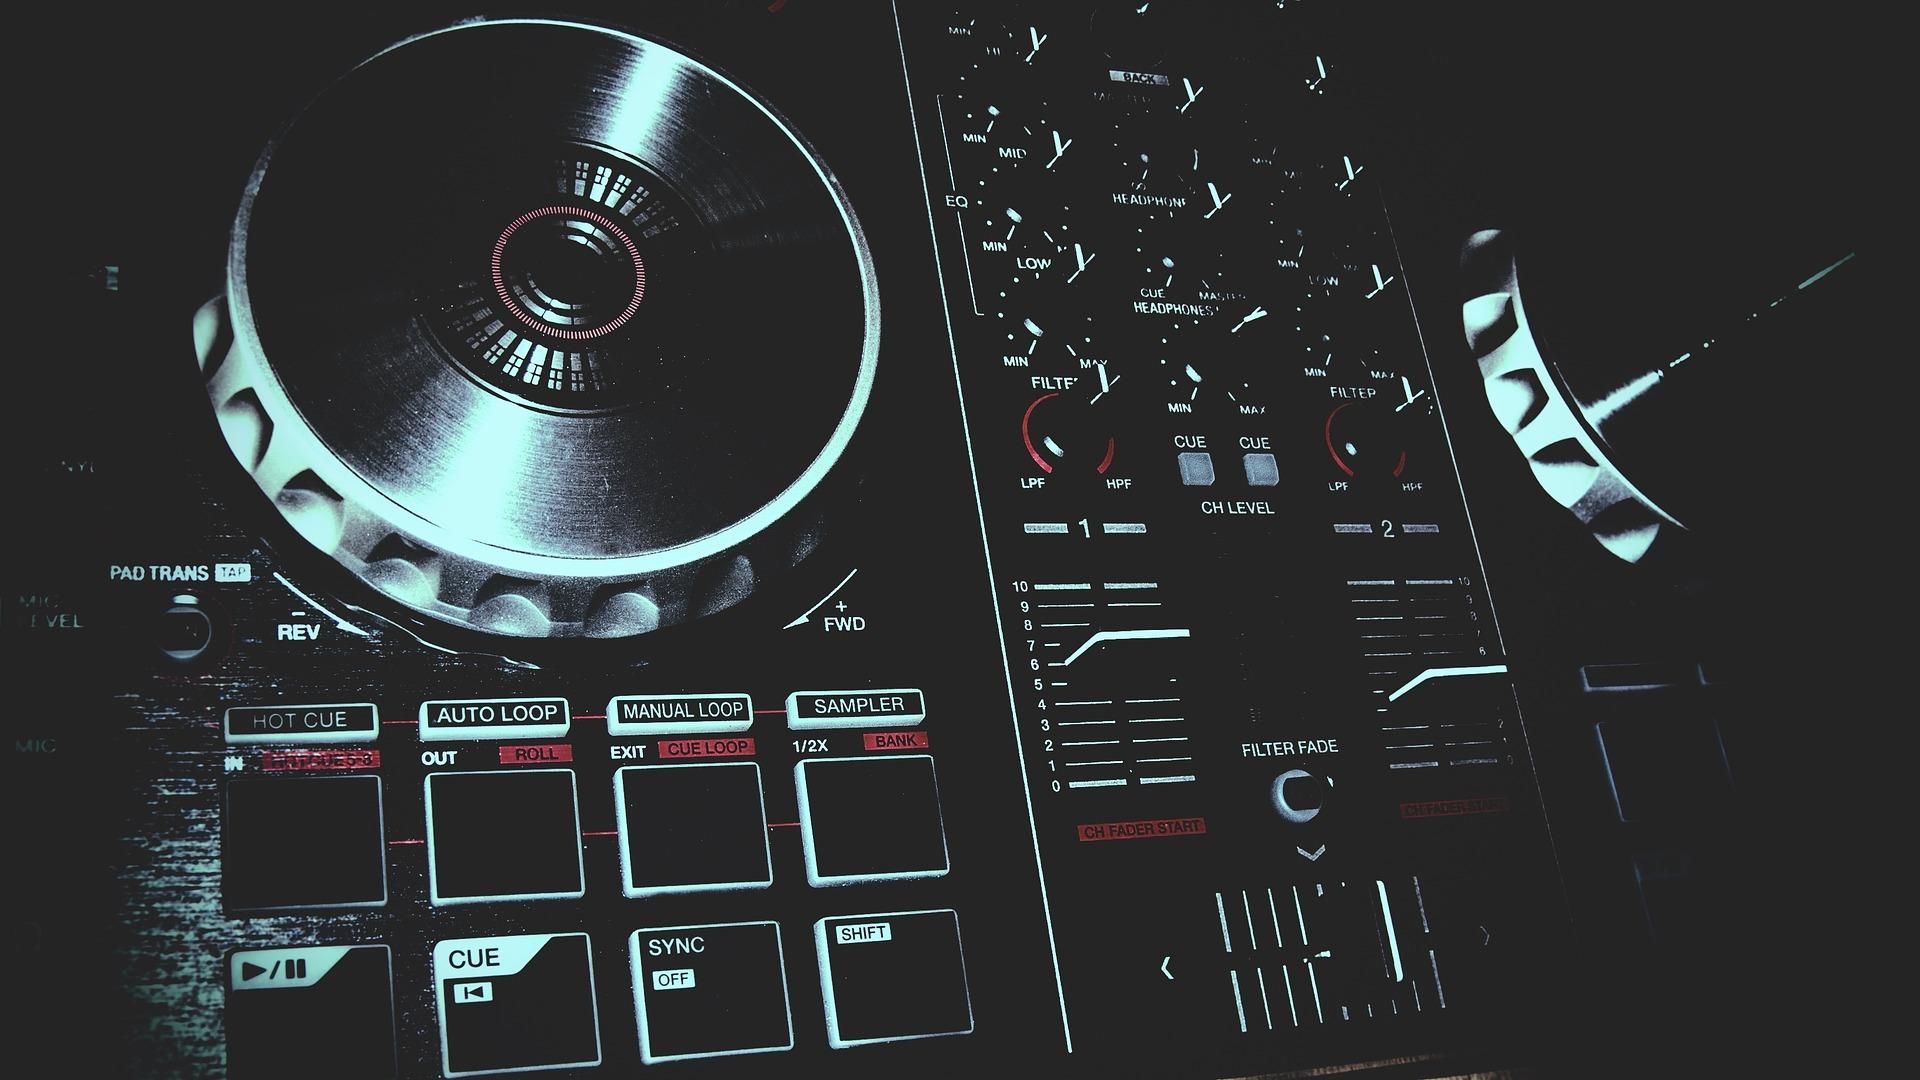 ¿Qué tipo de controlador le falta a Pioneer DJ?